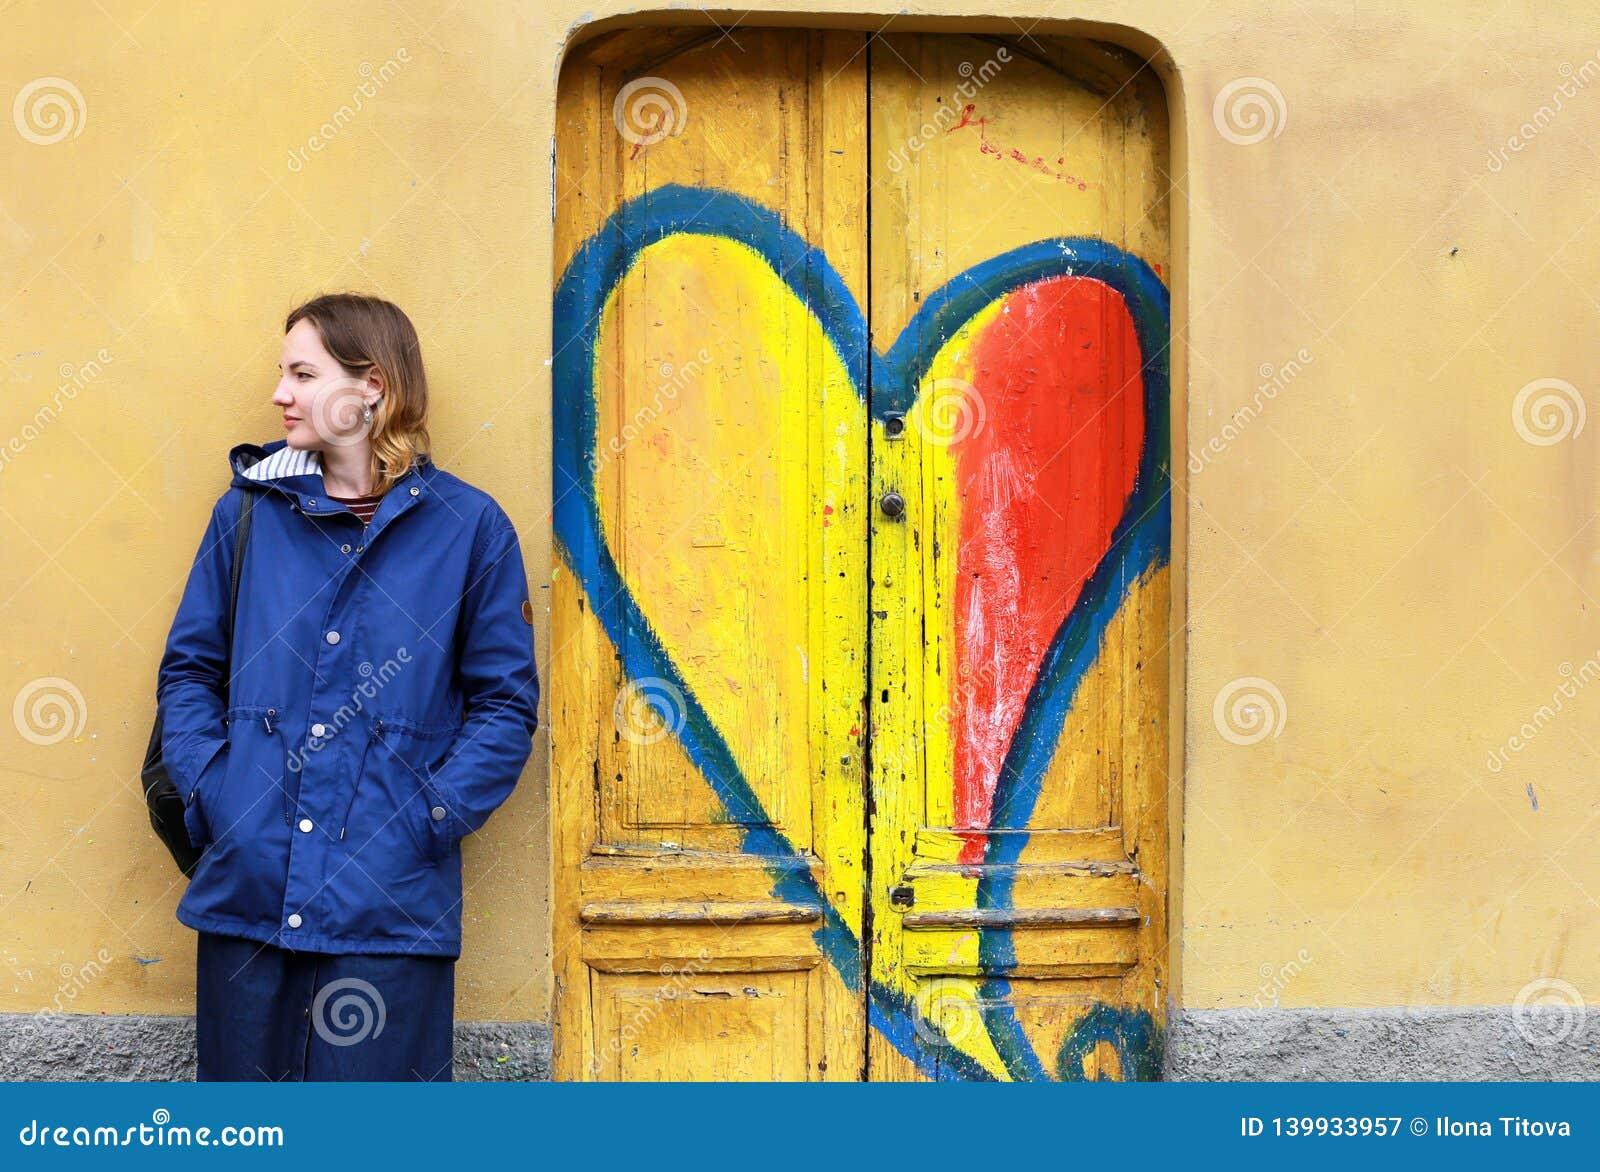 Giovane donna contro la parete gialla e porte di legno con i graffiti